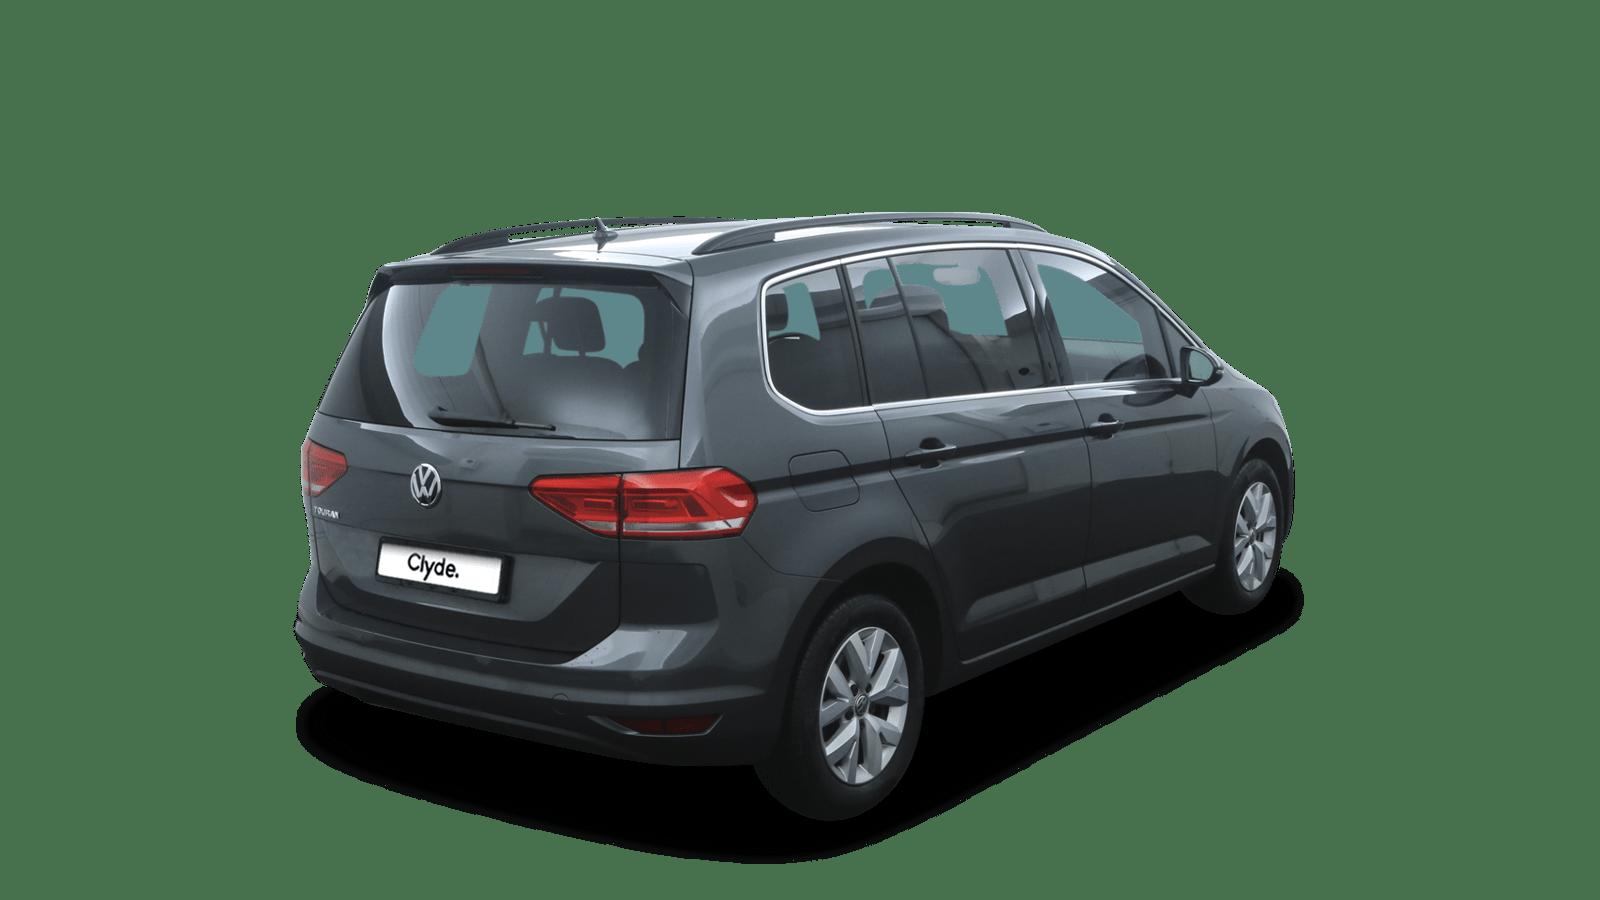 VW Touran Grau rückansicht - Clyde Auto-Abo